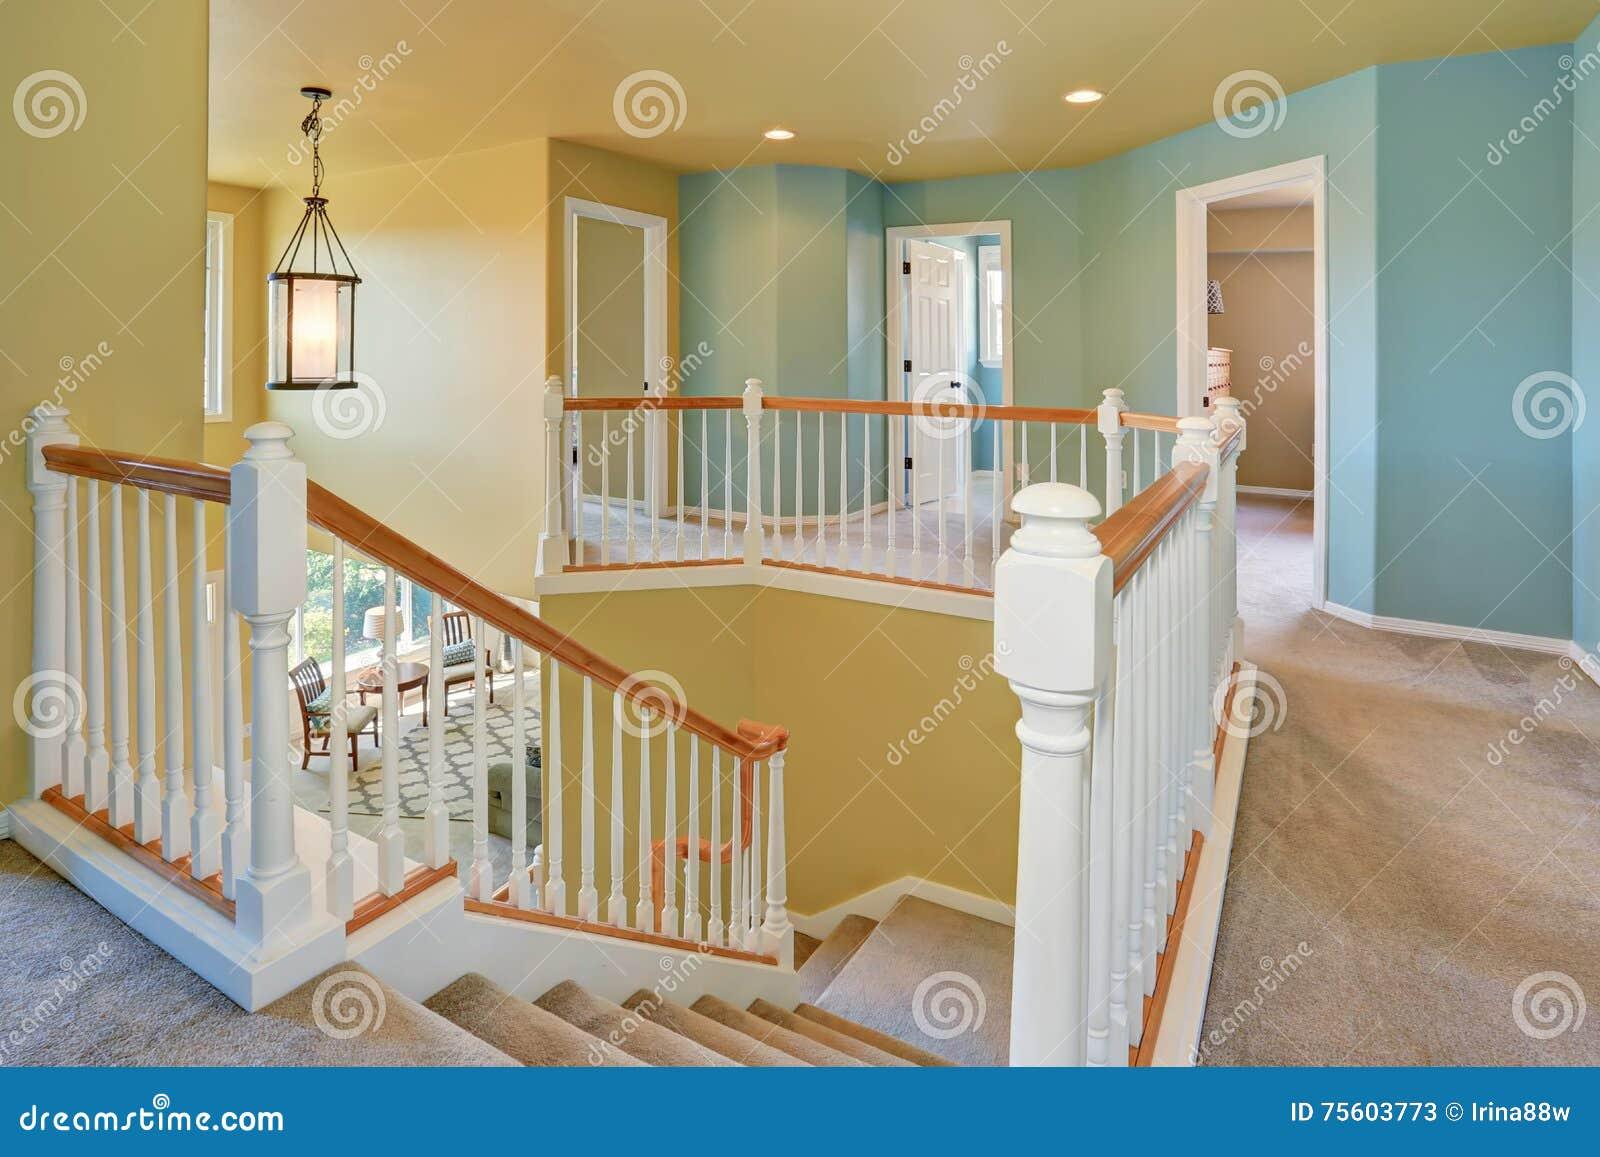 Pareti Bianche E Beige : Interno di corridoio con le pareti blu e gialle immagine stock